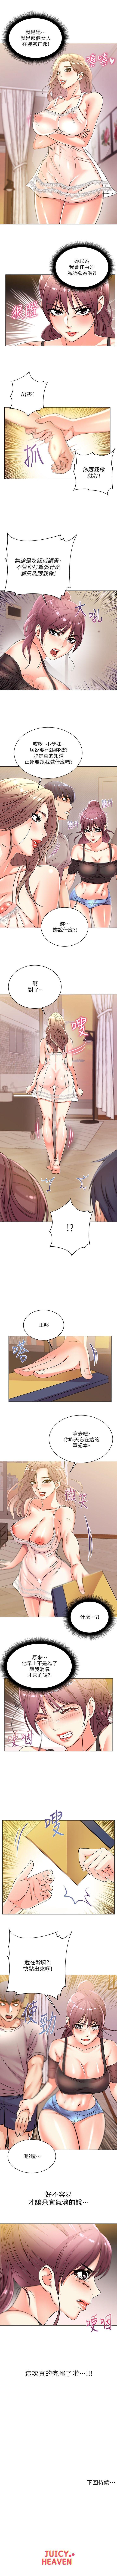 超市的漂亮姐姐 1-27 官方中文(連載中) 119